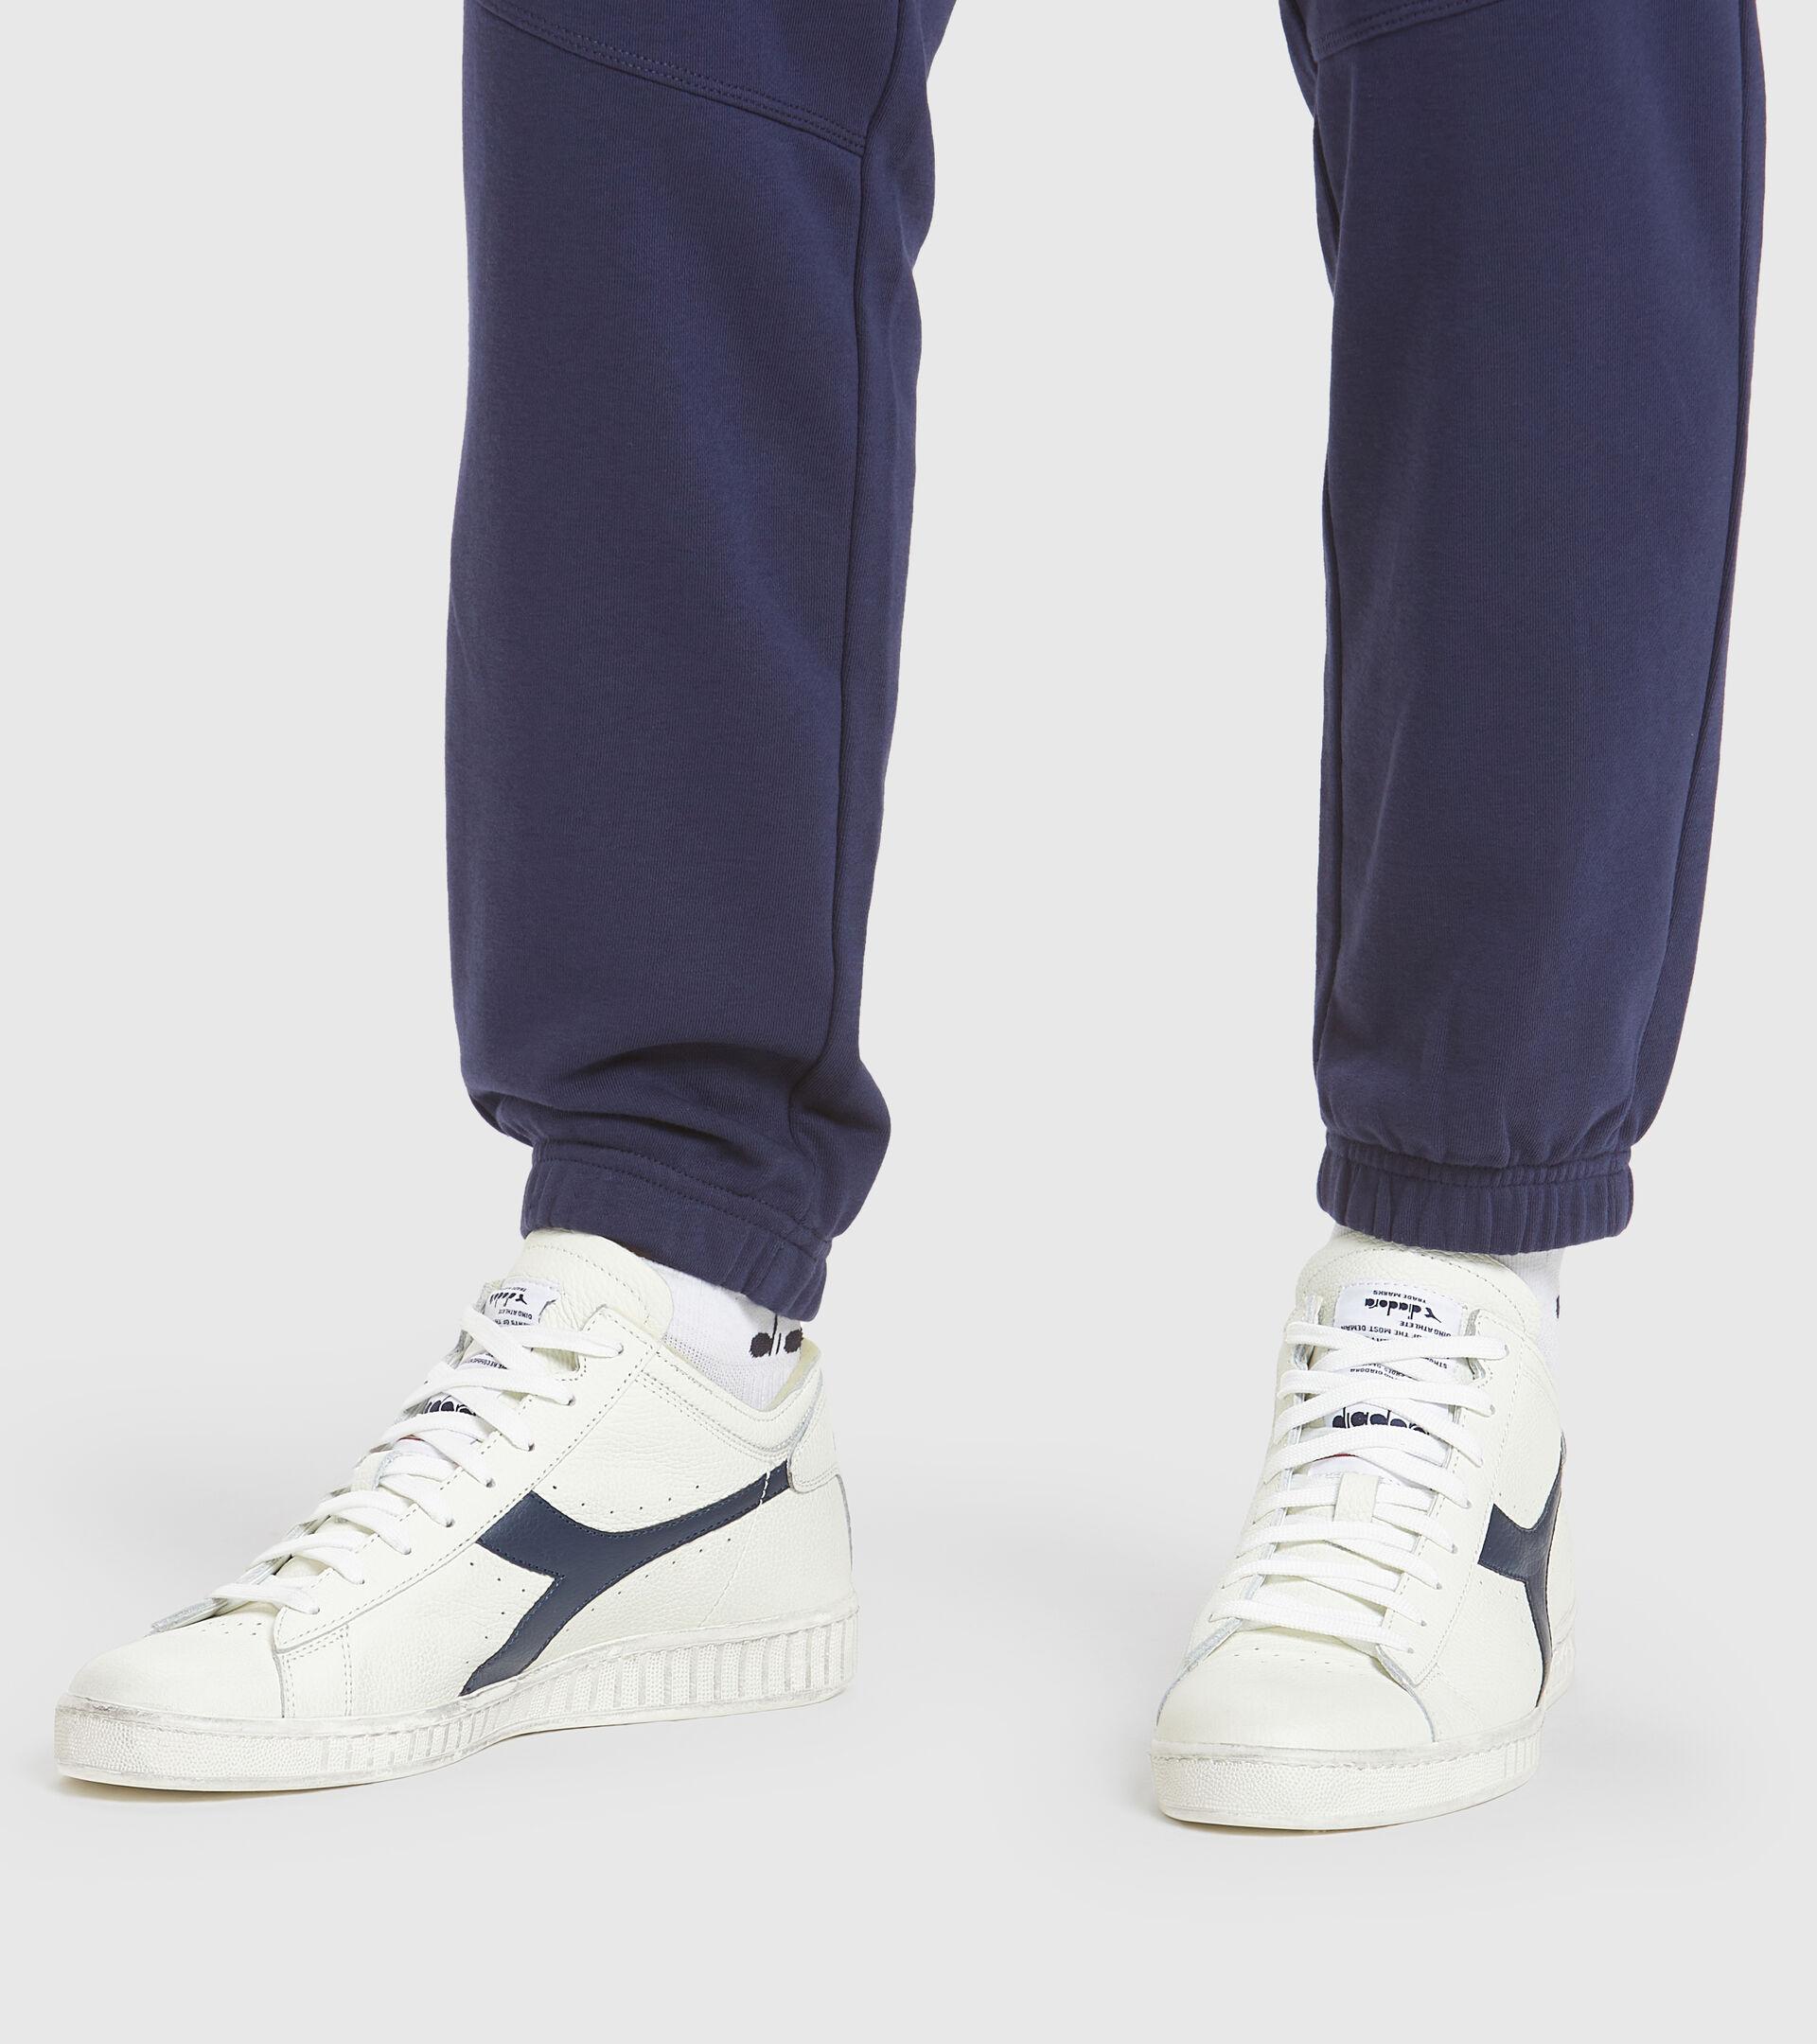 Footwear Sportswear UNISEX GAME L WAXED ROW CUT BLANCO/UNIFORME AZUL Diadora